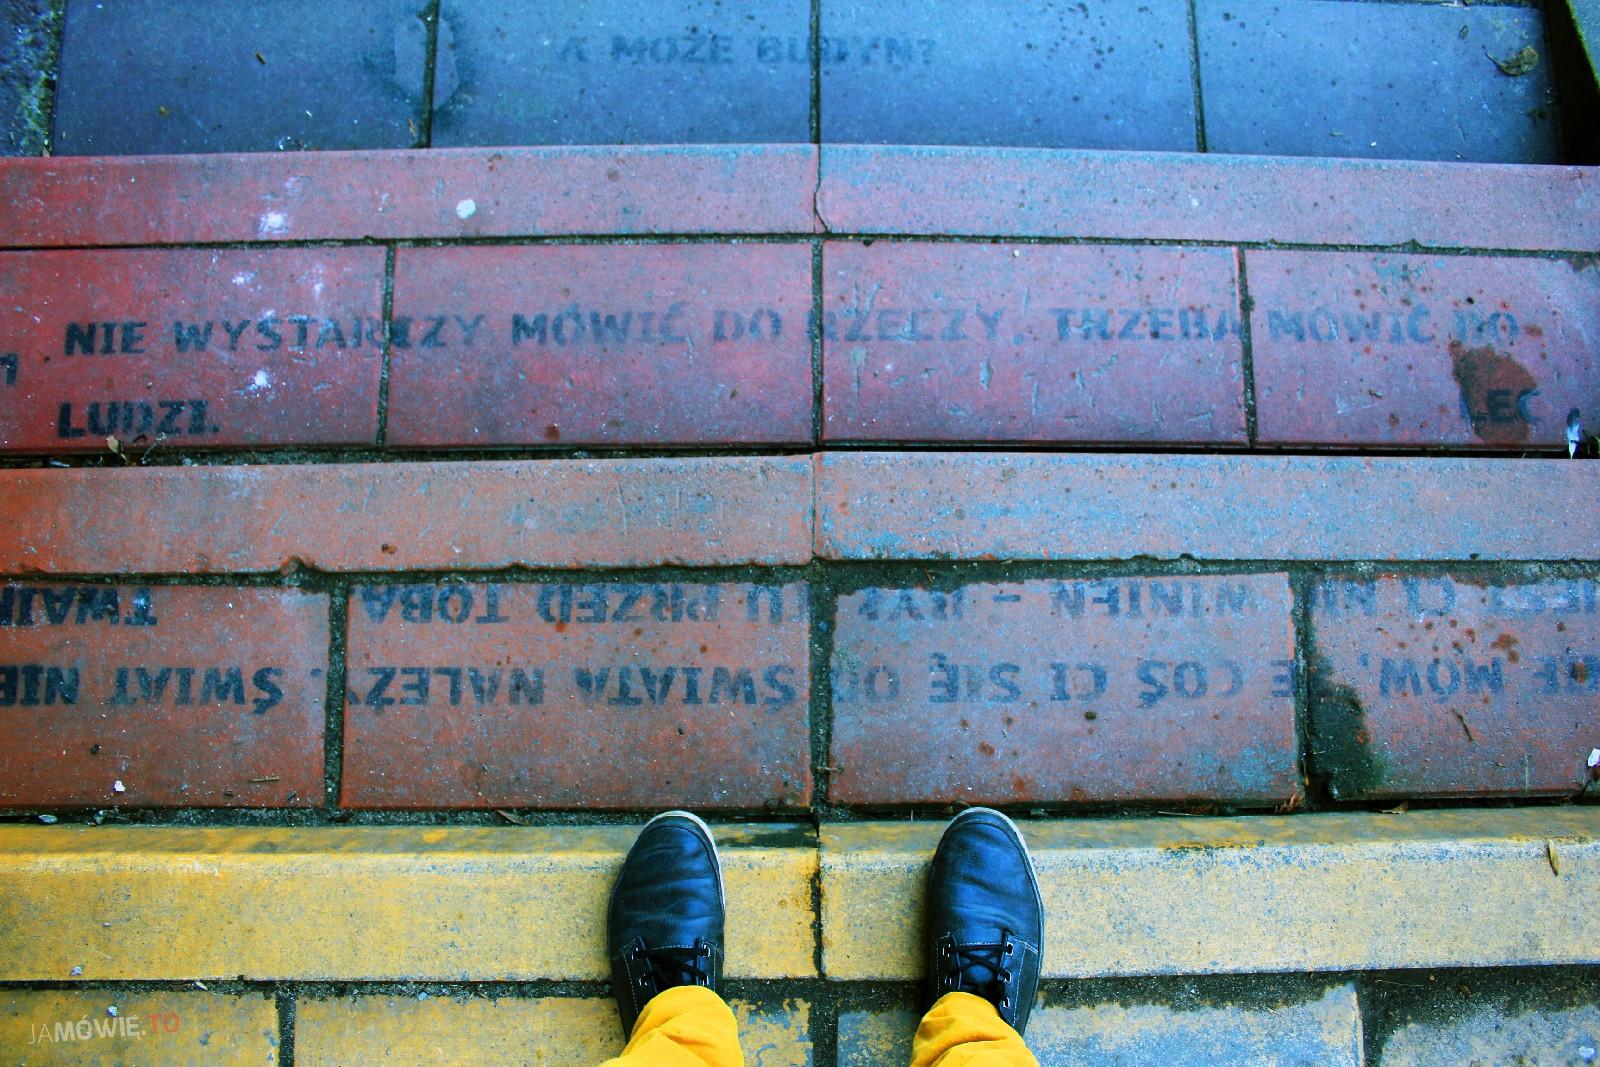 Nietypowe atrakcje Krakowa - Kraków - rzeczy, których mogłeś nie wiedzieć - Ja mówię TO http://jamowie.to Tatrzańska Schody